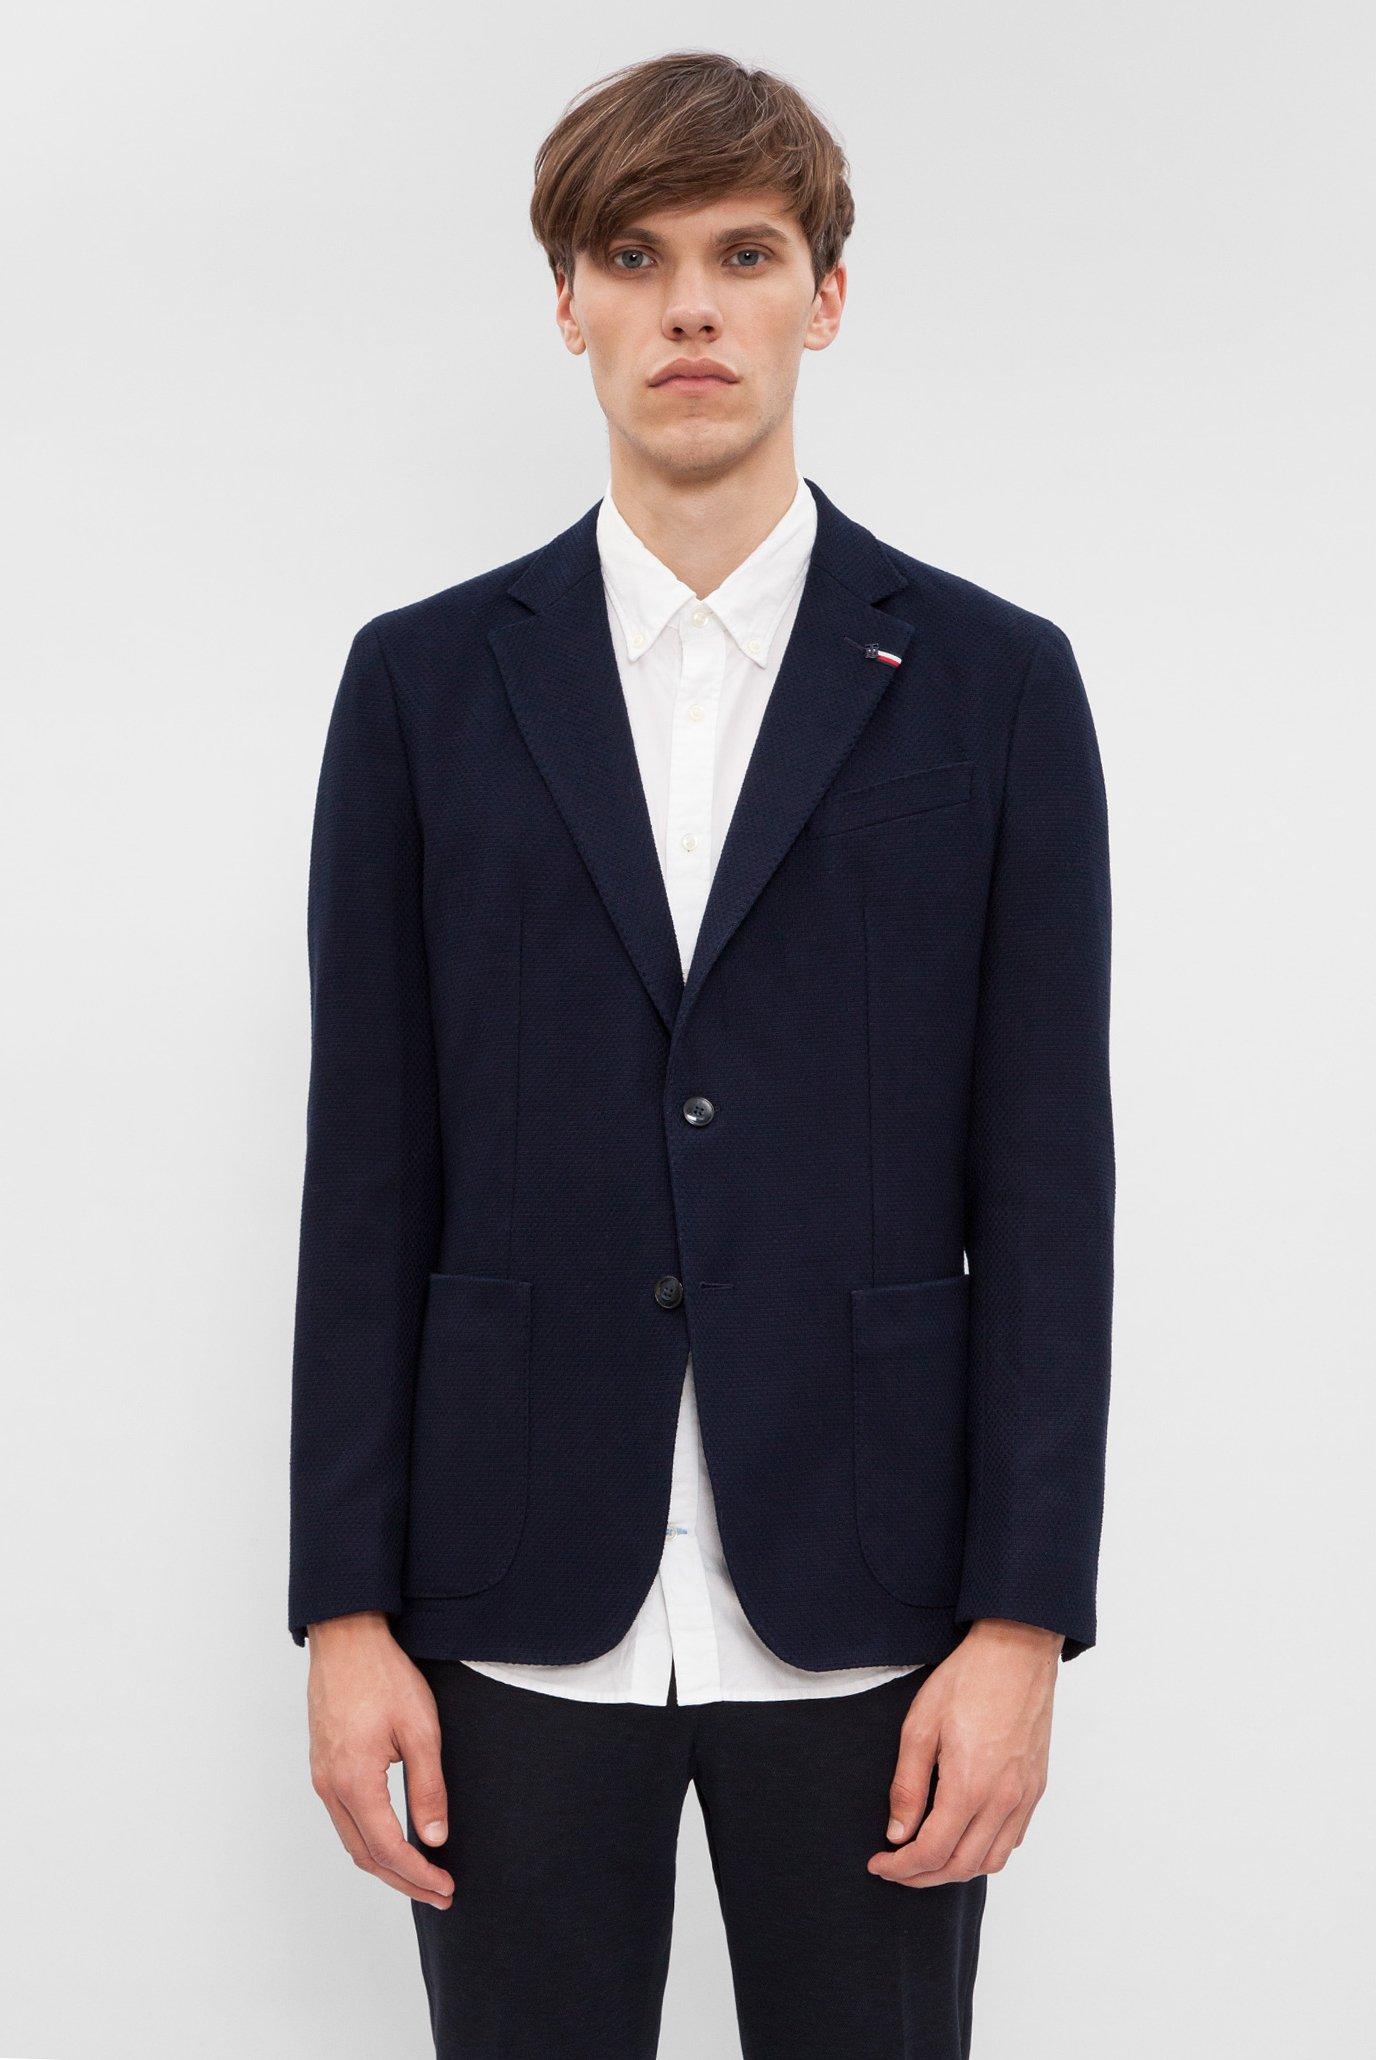 532c68541d6c Купить Мужской темно-синий пиджак Tommy Hilfiger Tommy Hilfiger TT0TT01138  – Киев, Украина. Цены в интернет магазине ...